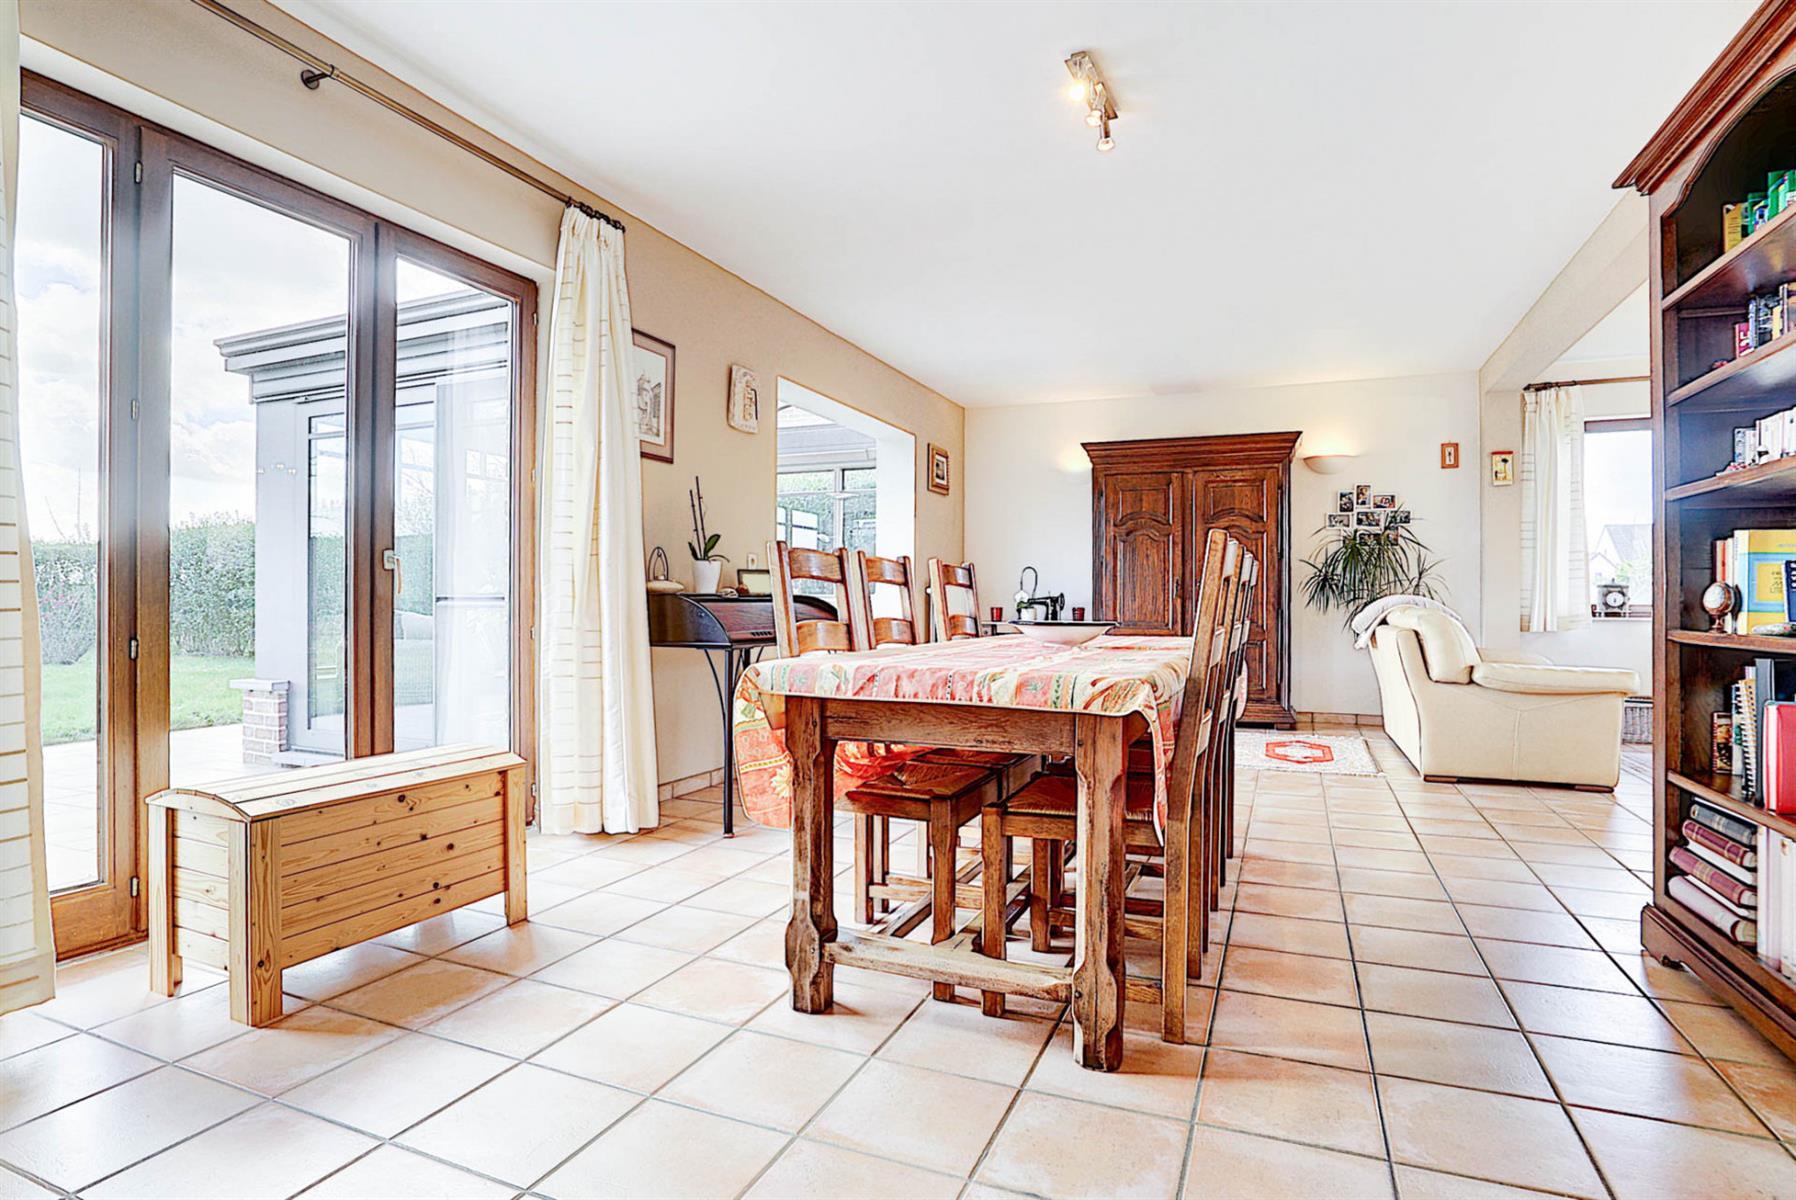 Villa - Chaumont-Gistoux - #4006823-4